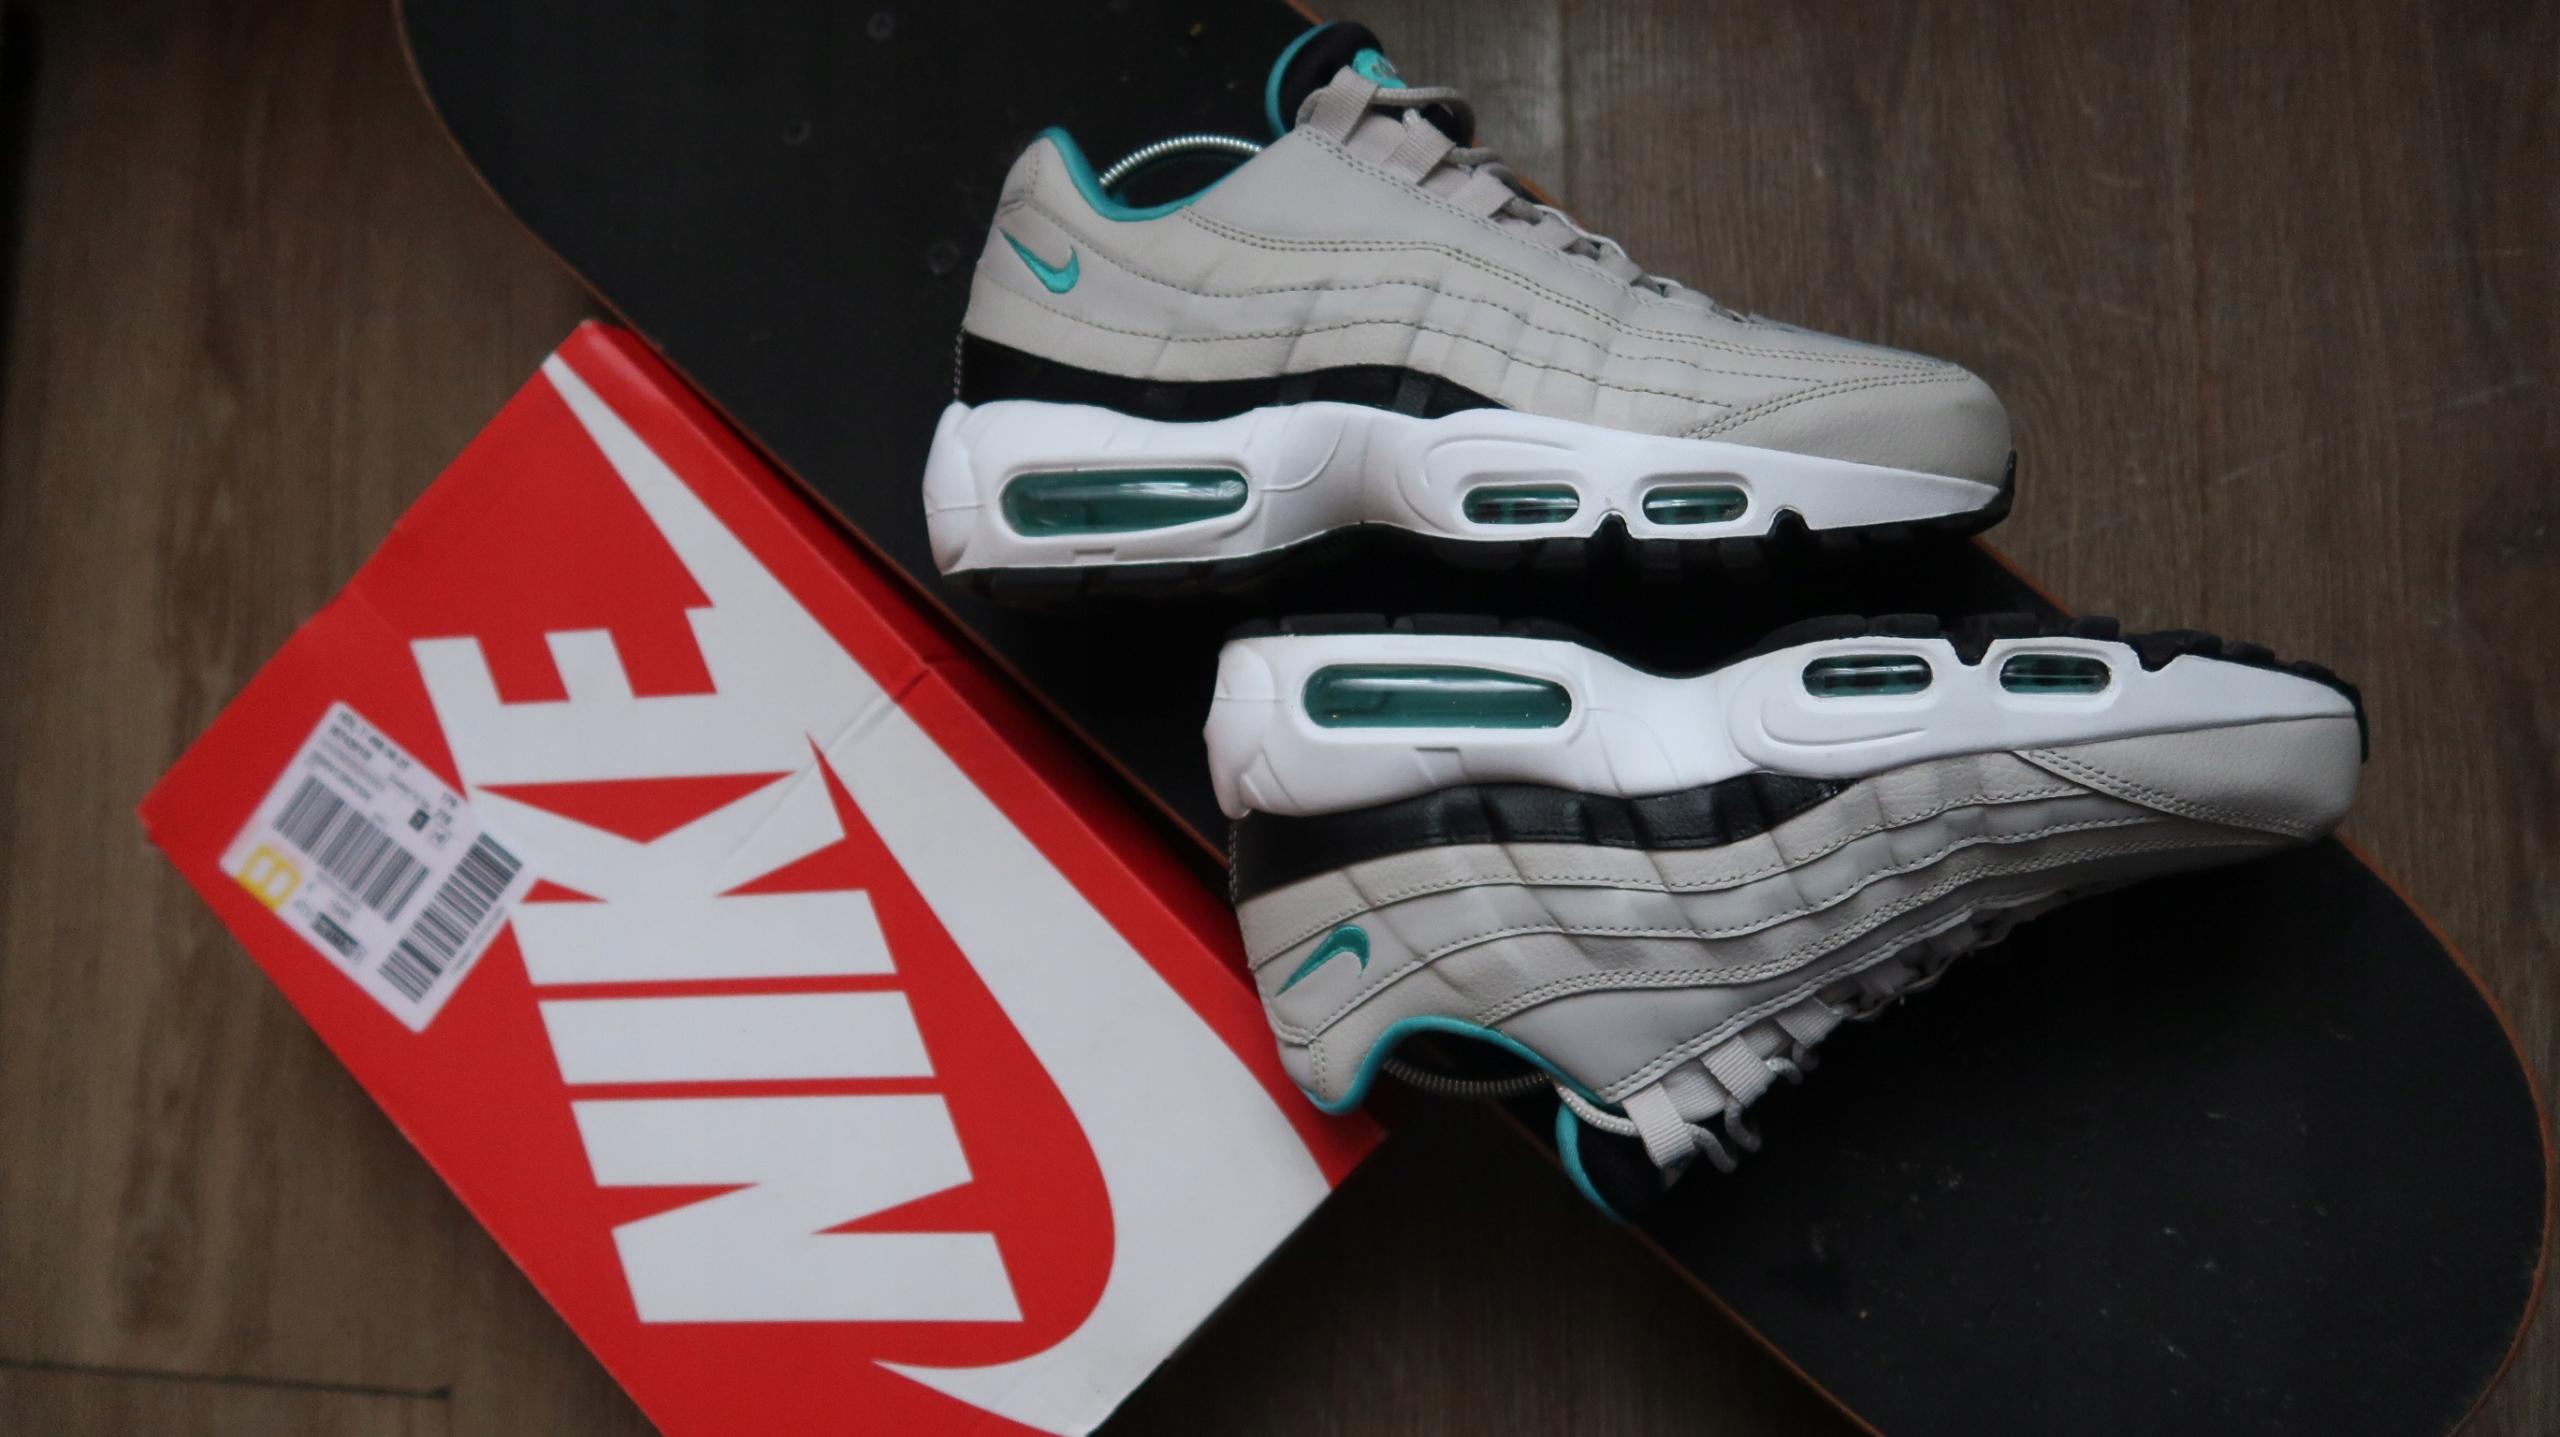 Nike air max 95 Essentials 6.5 US 39 Jordan Force